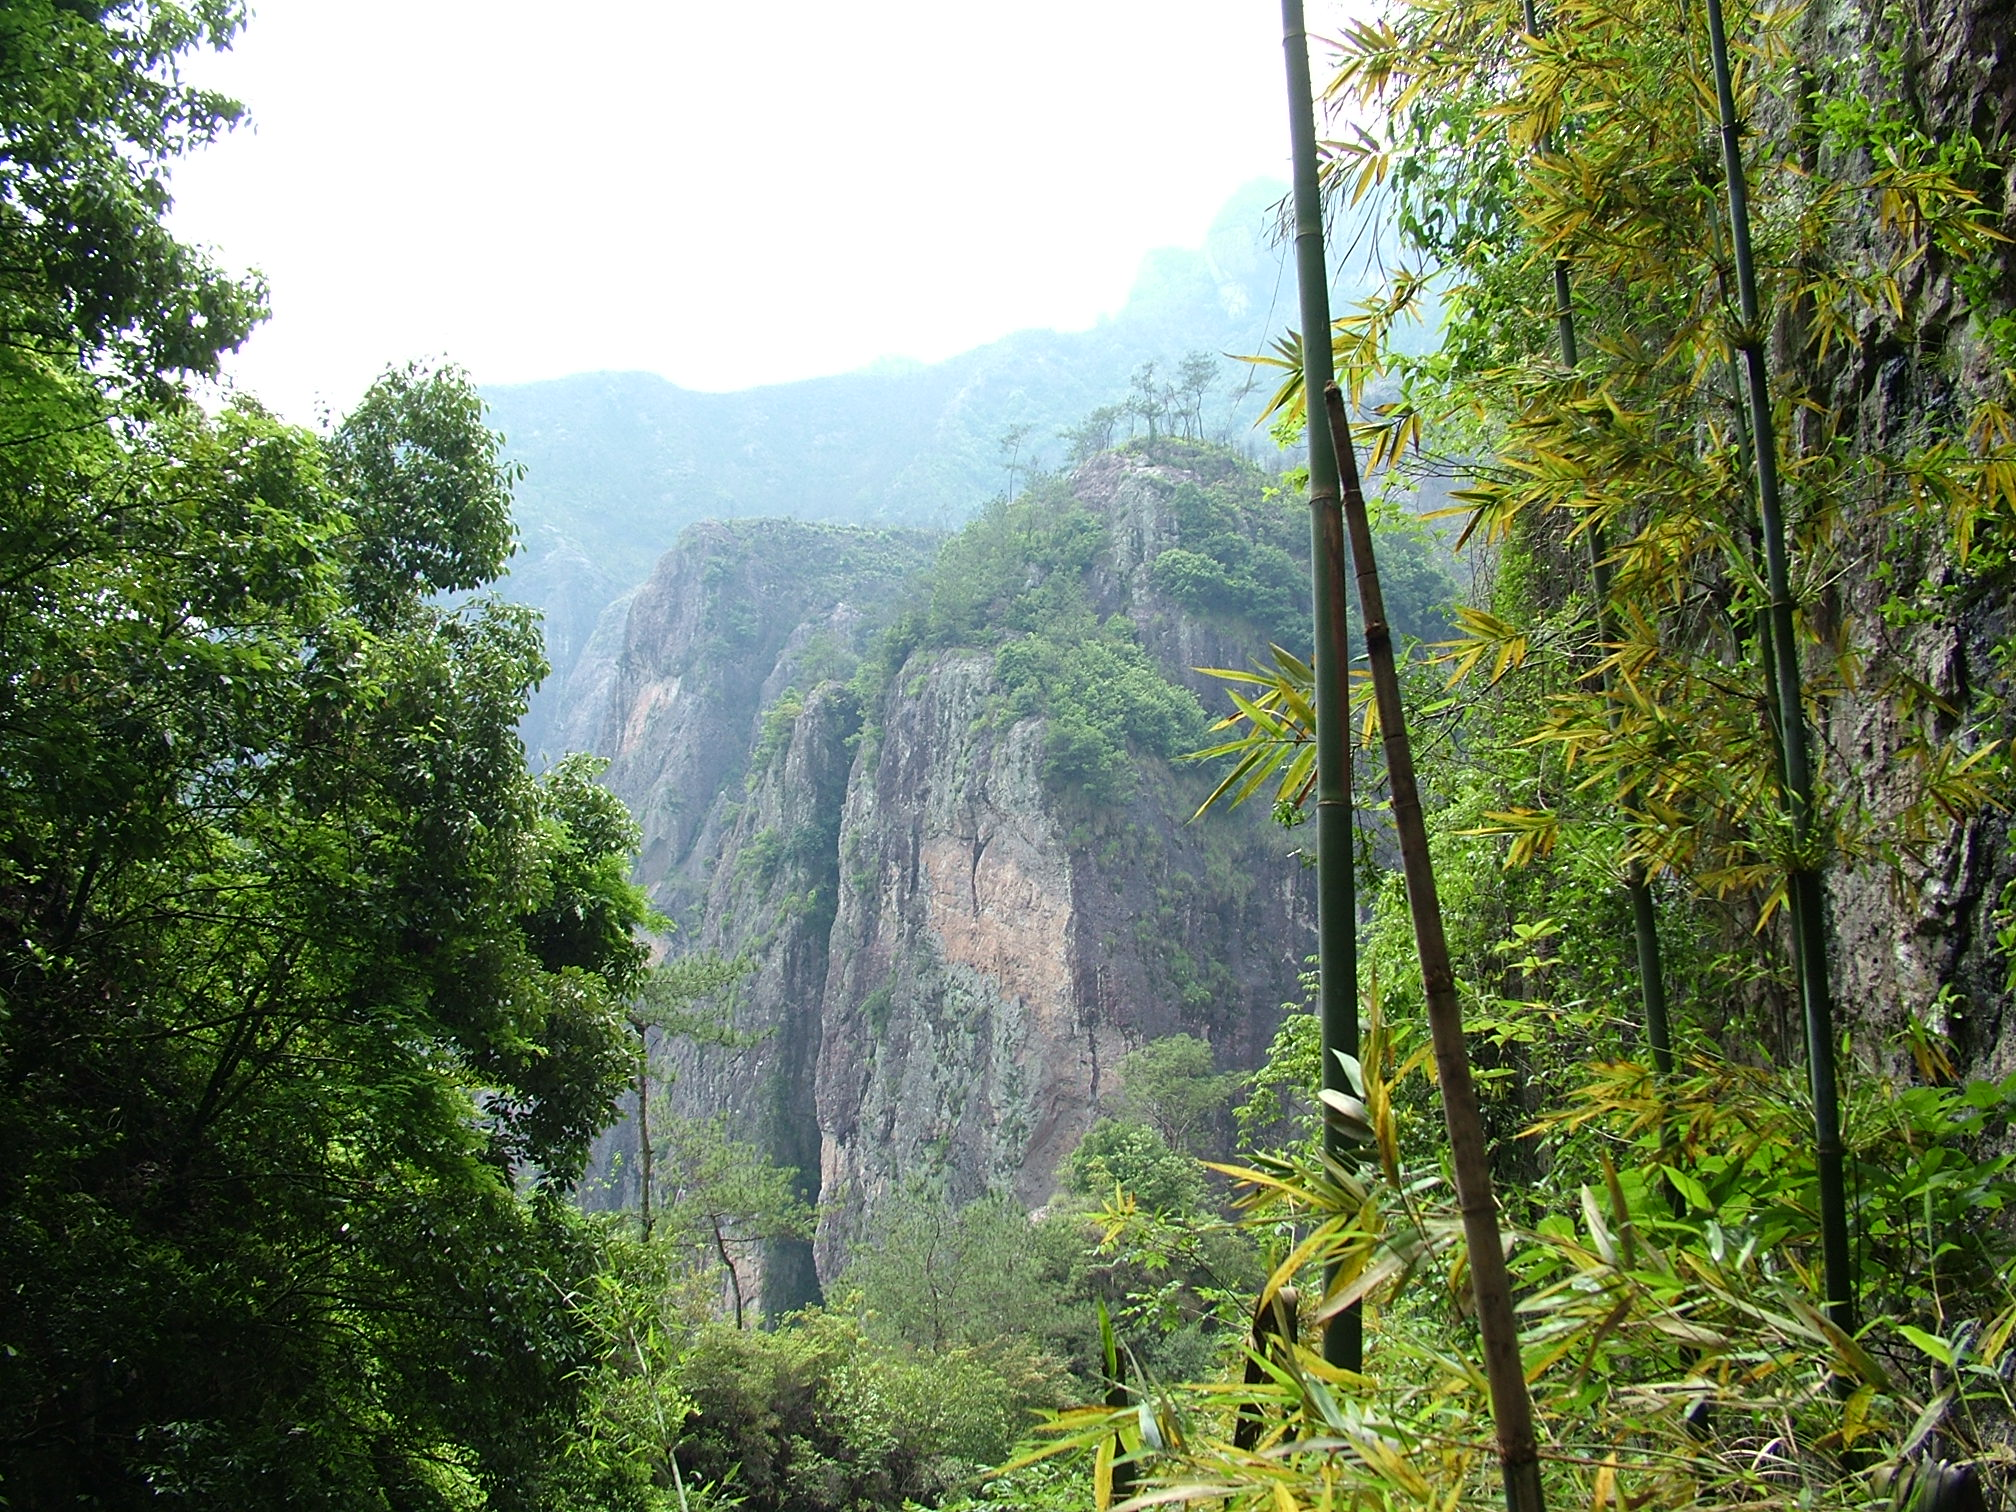 На родине пейзажной лирики Китая, долина реки Наньси